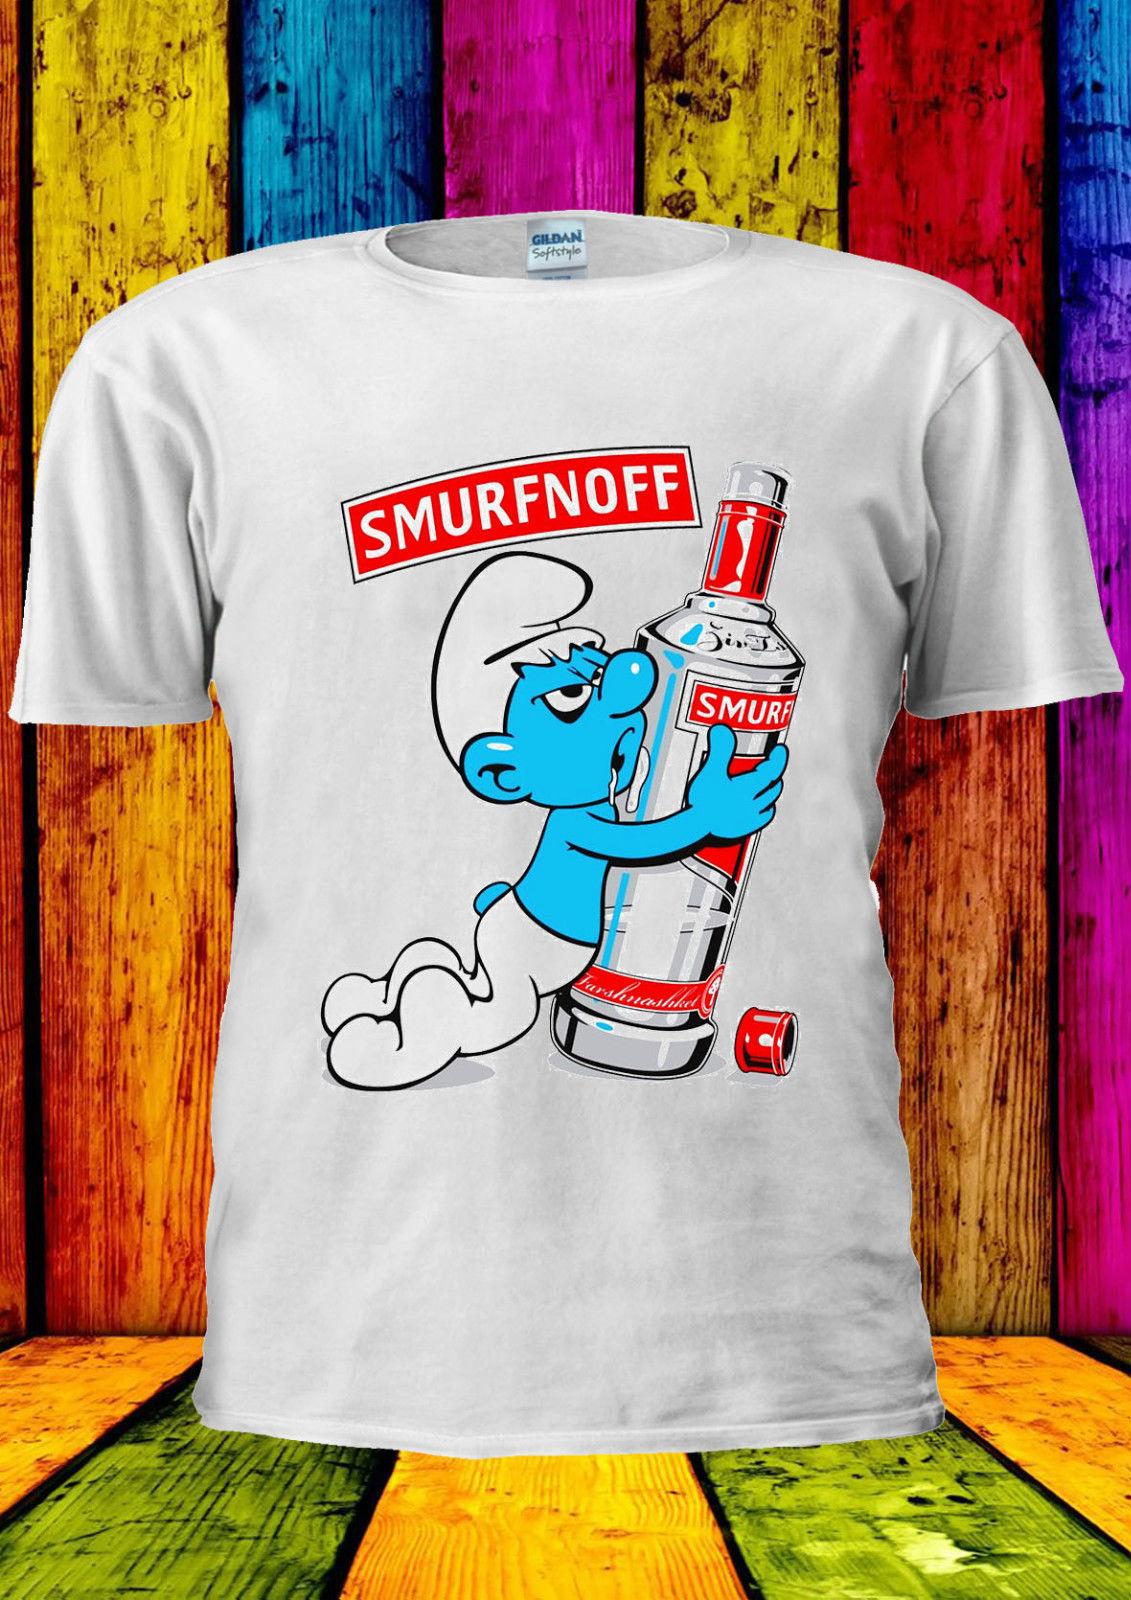 Забавная крутая футболка Smurfnoff для мужчин и женщин, унисекс, 2360